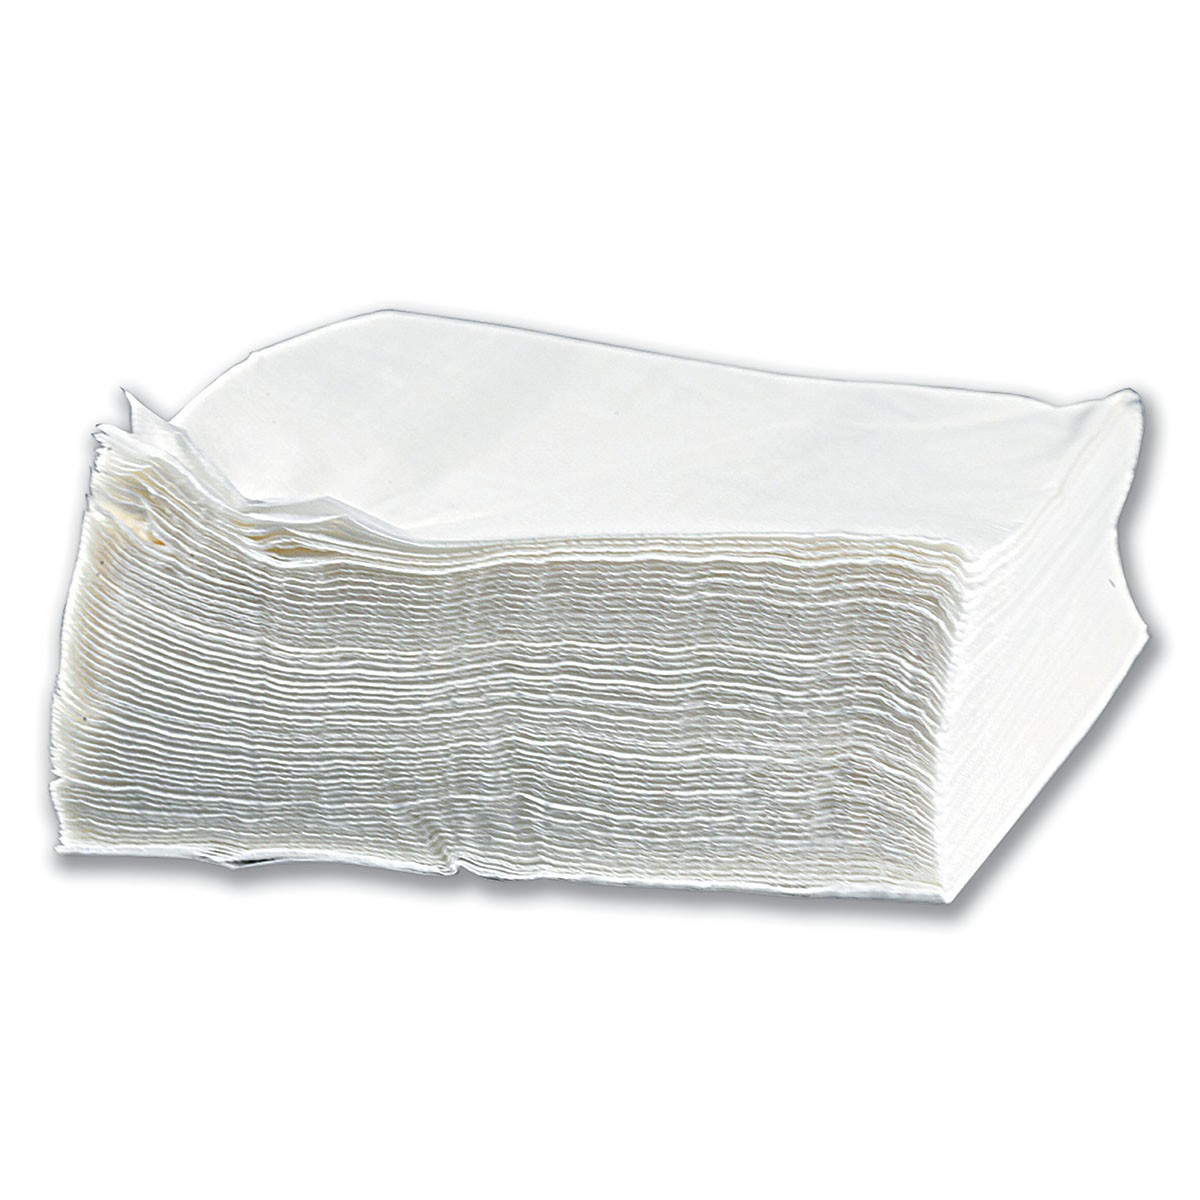 1-Ply Napkin 28x30cm - White   100pcsx40pkts